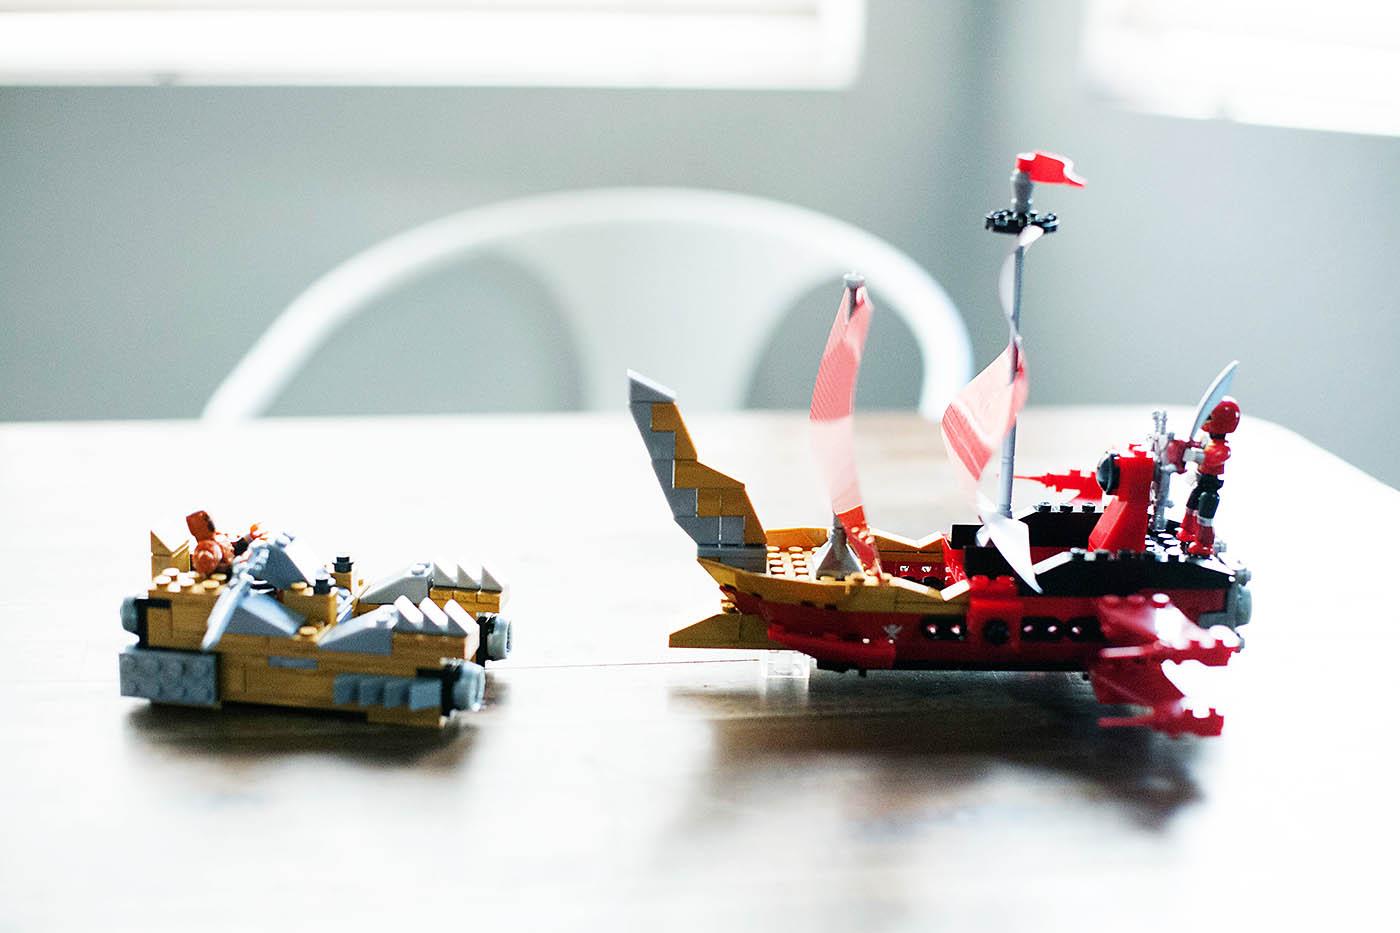 Presenting toys in fun ways